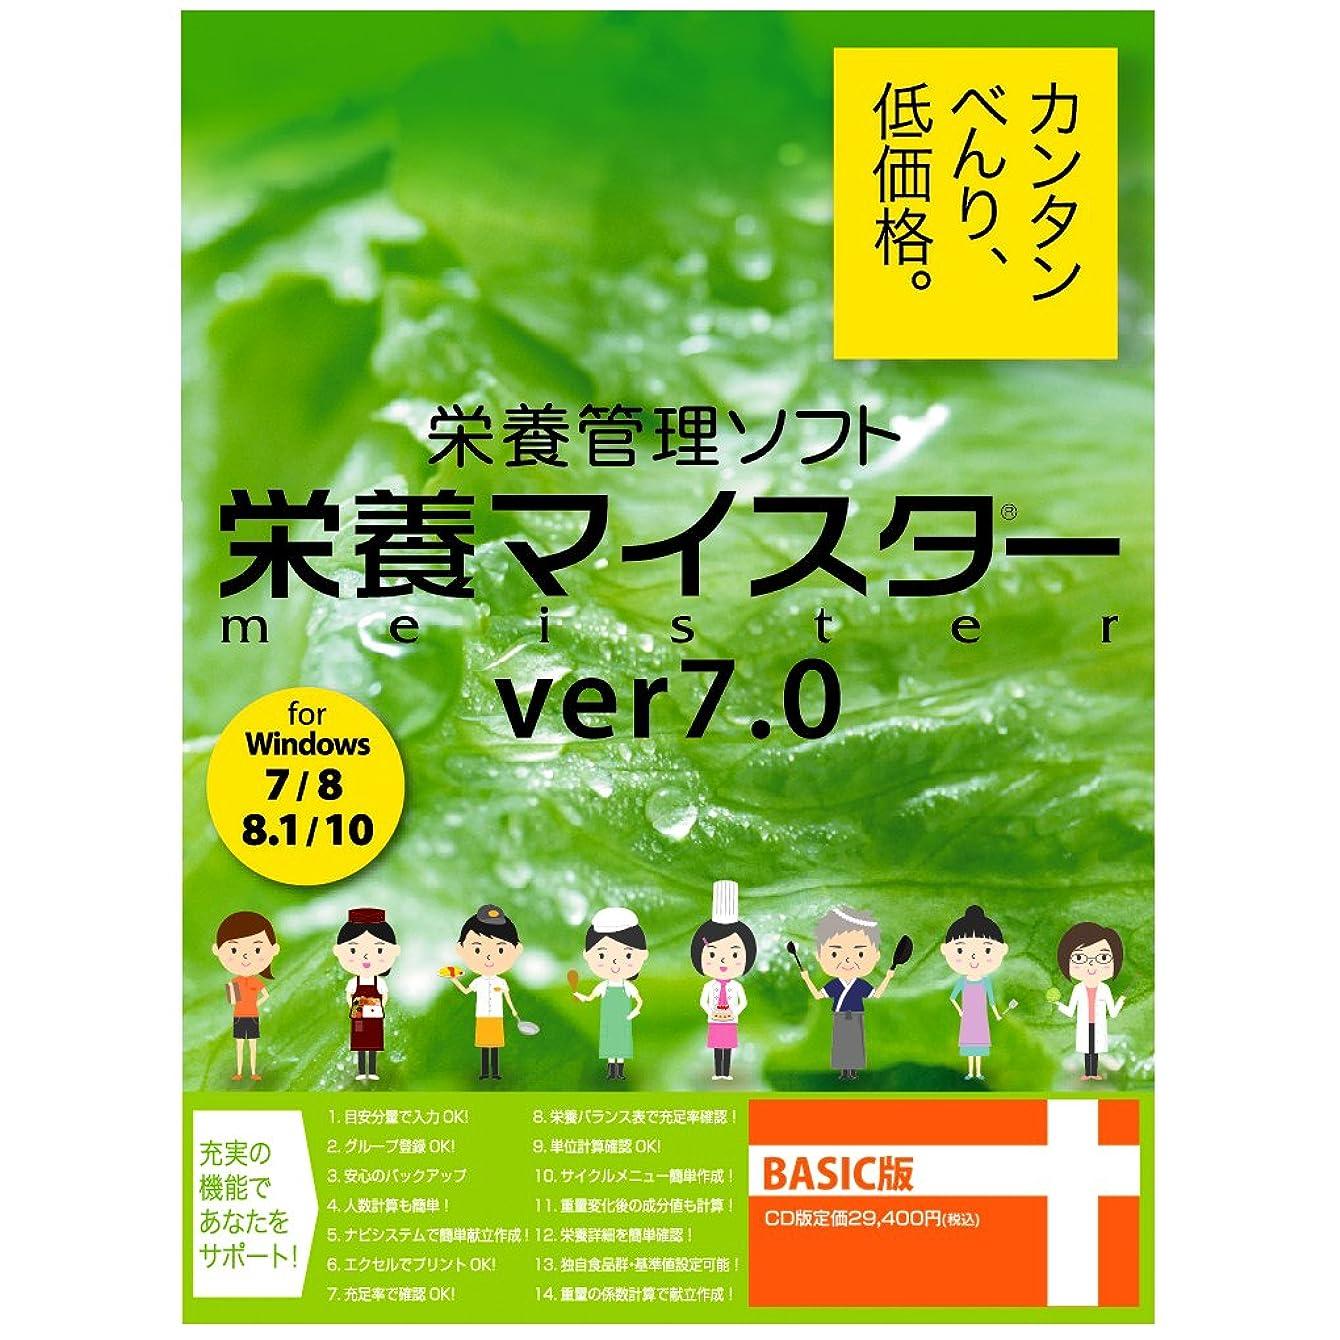 詳細に振り子色合い栄養計算ソフト「栄養マイスター」Ver7.0 BASIC版